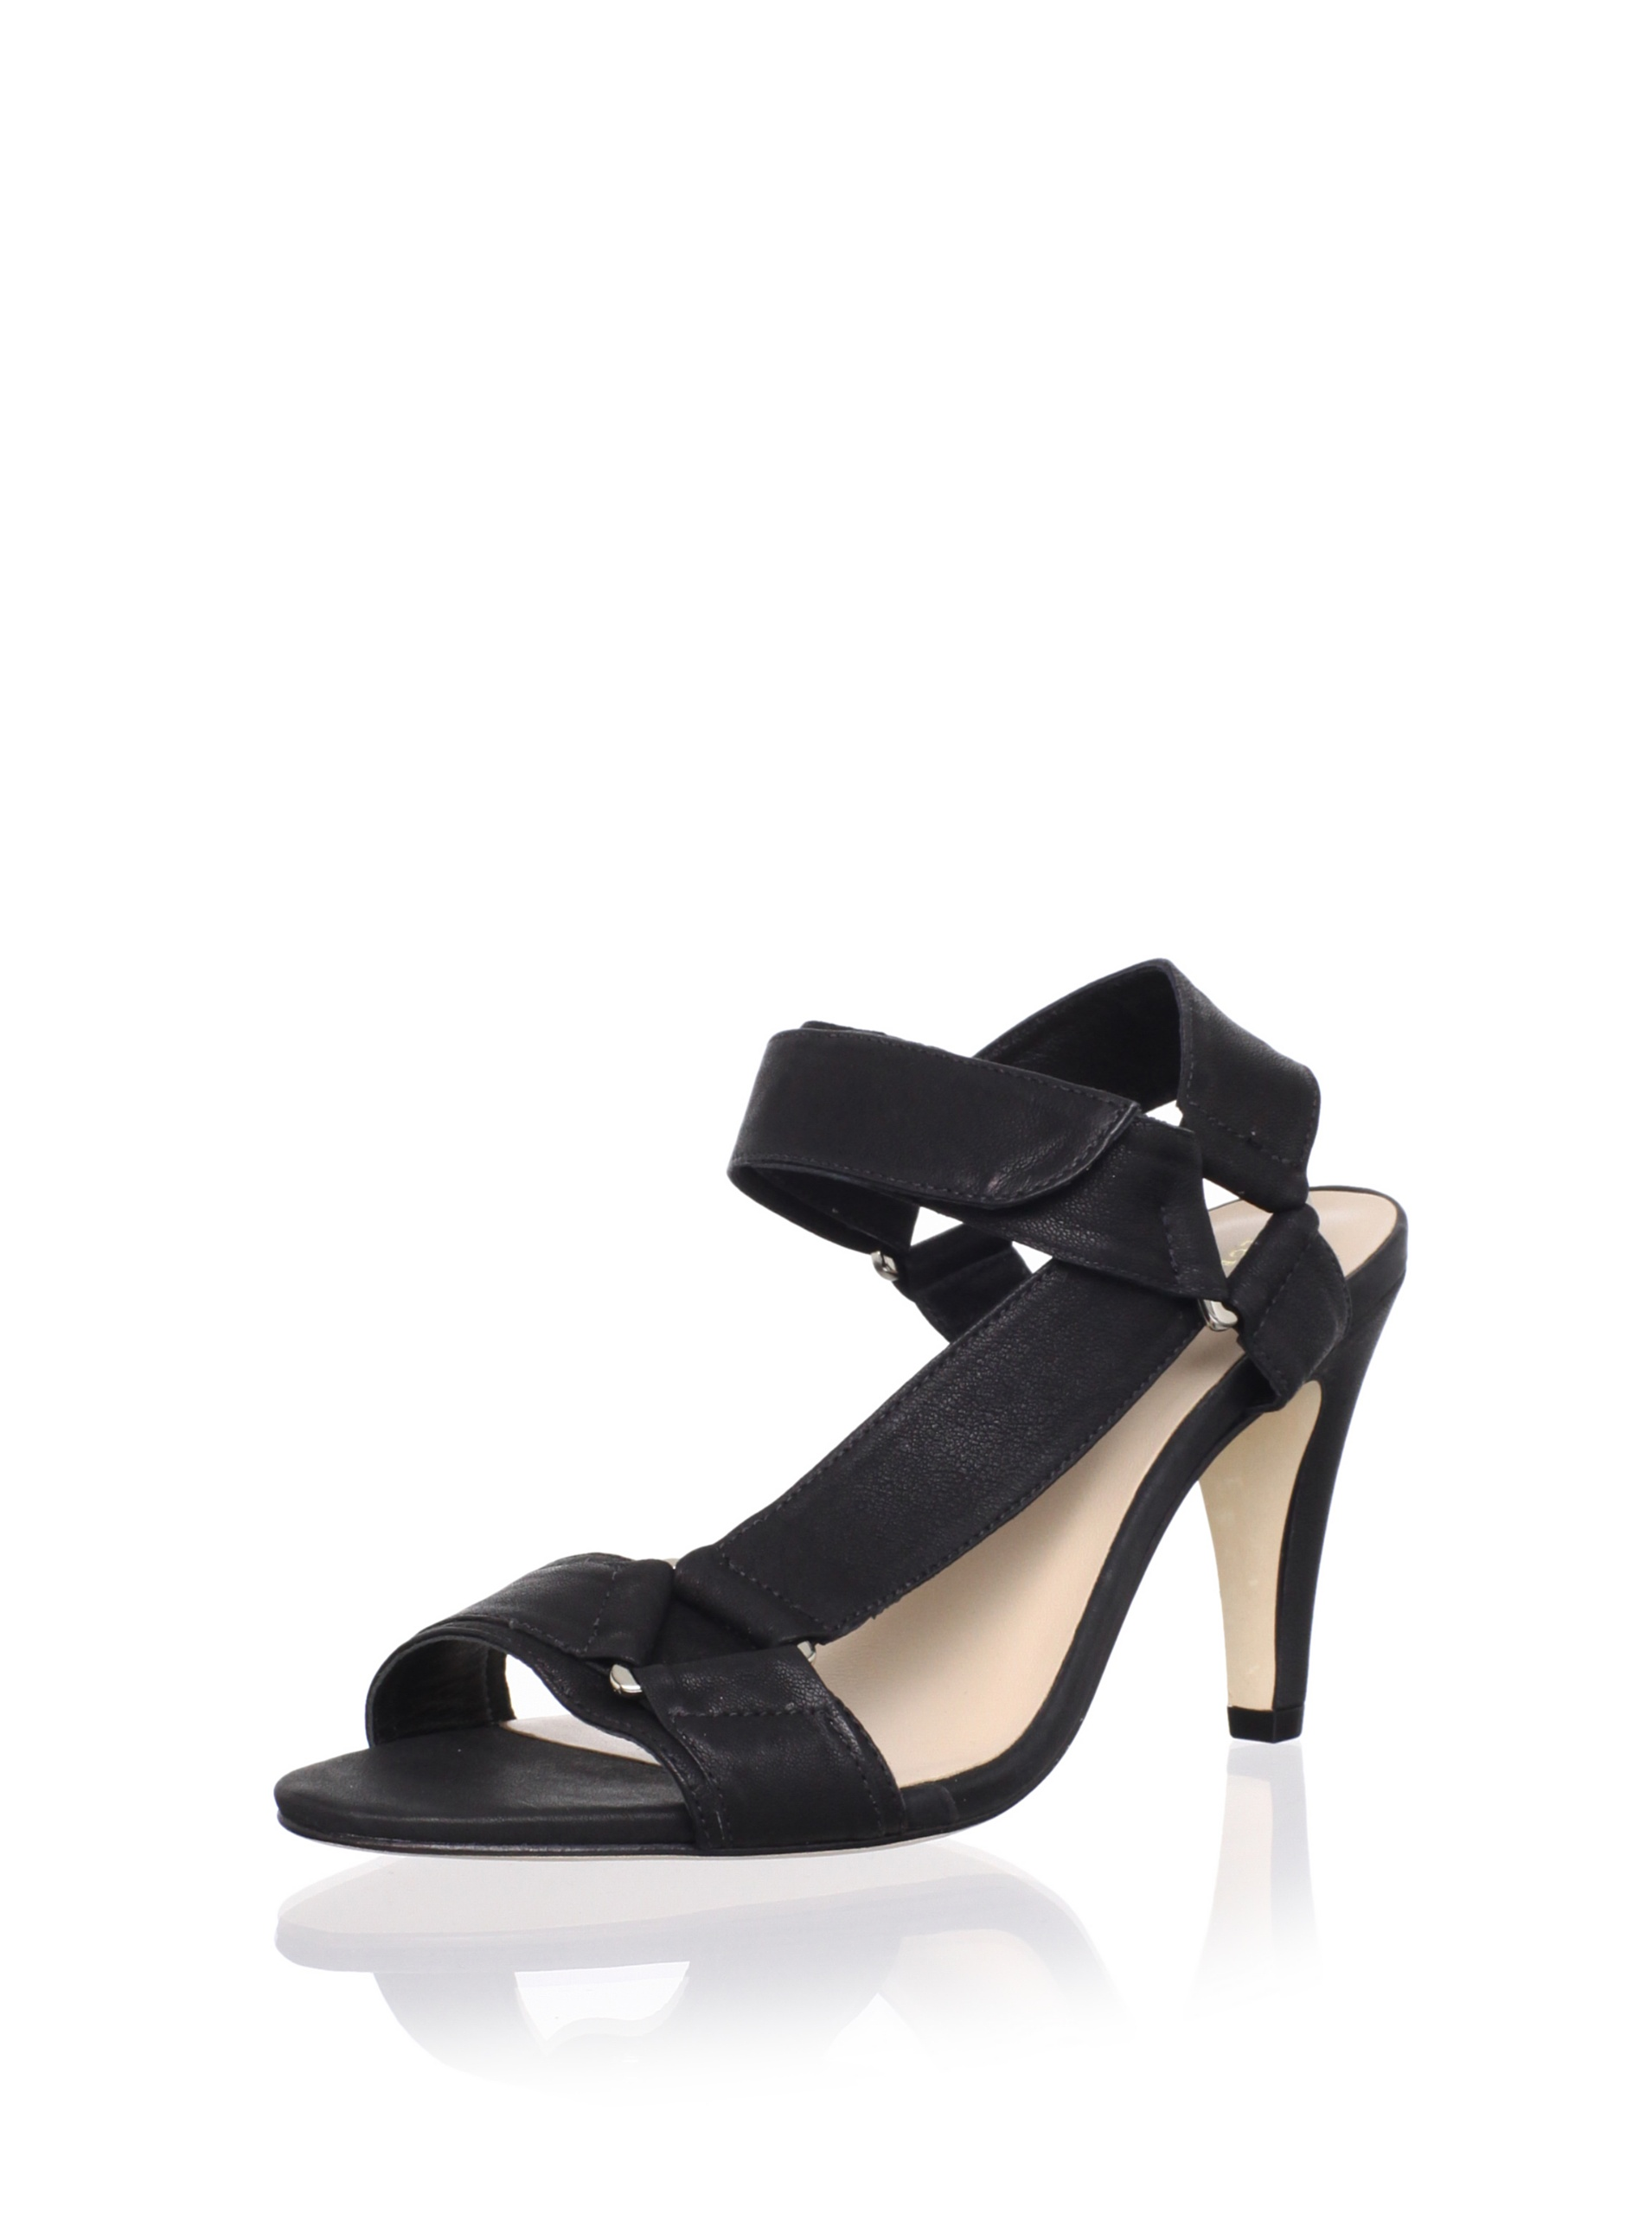 Loeffler Randall Women's Reba Sandal (Black)